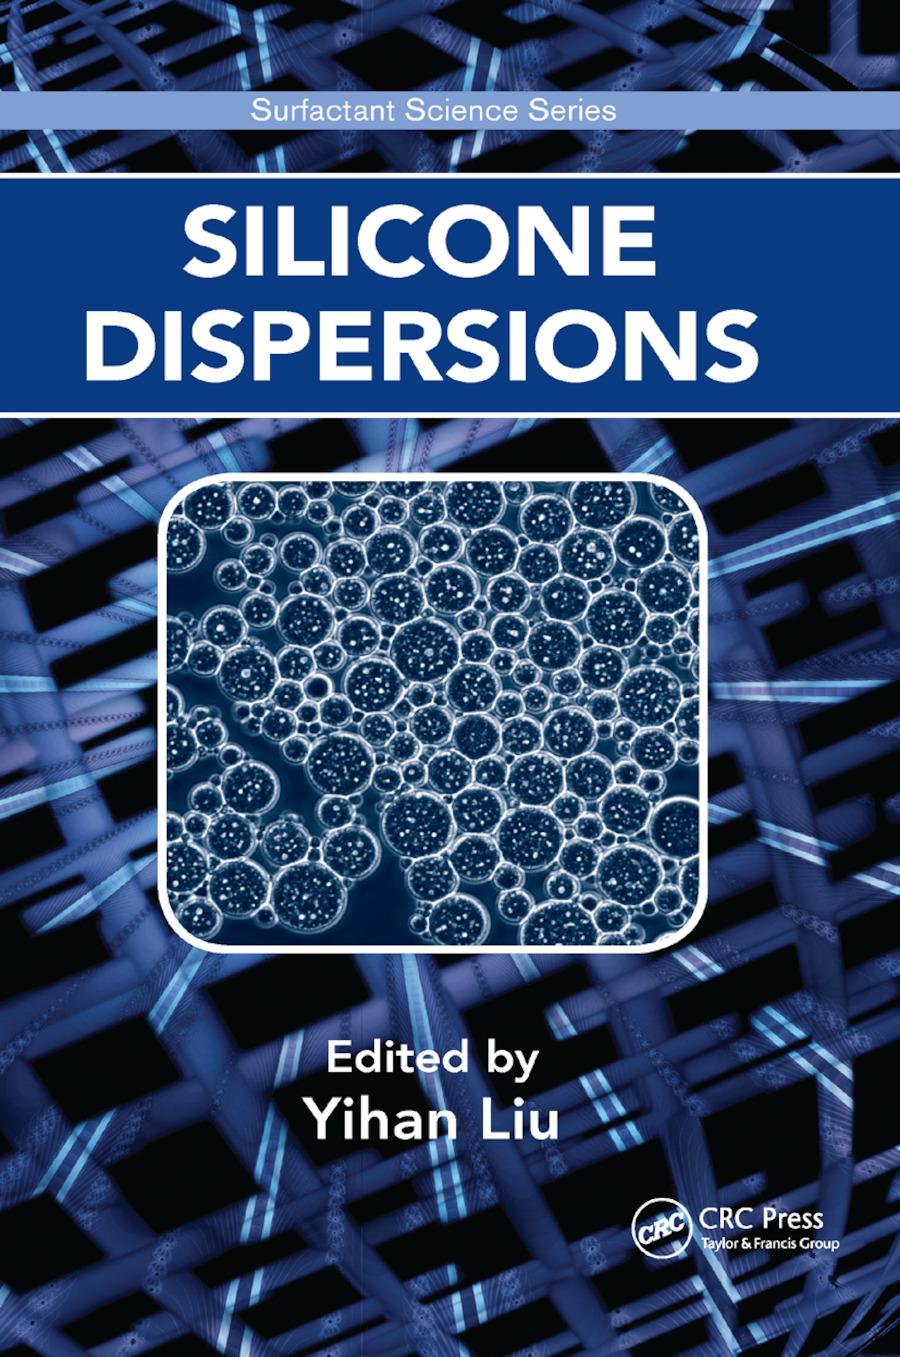 Silicone Dispersions